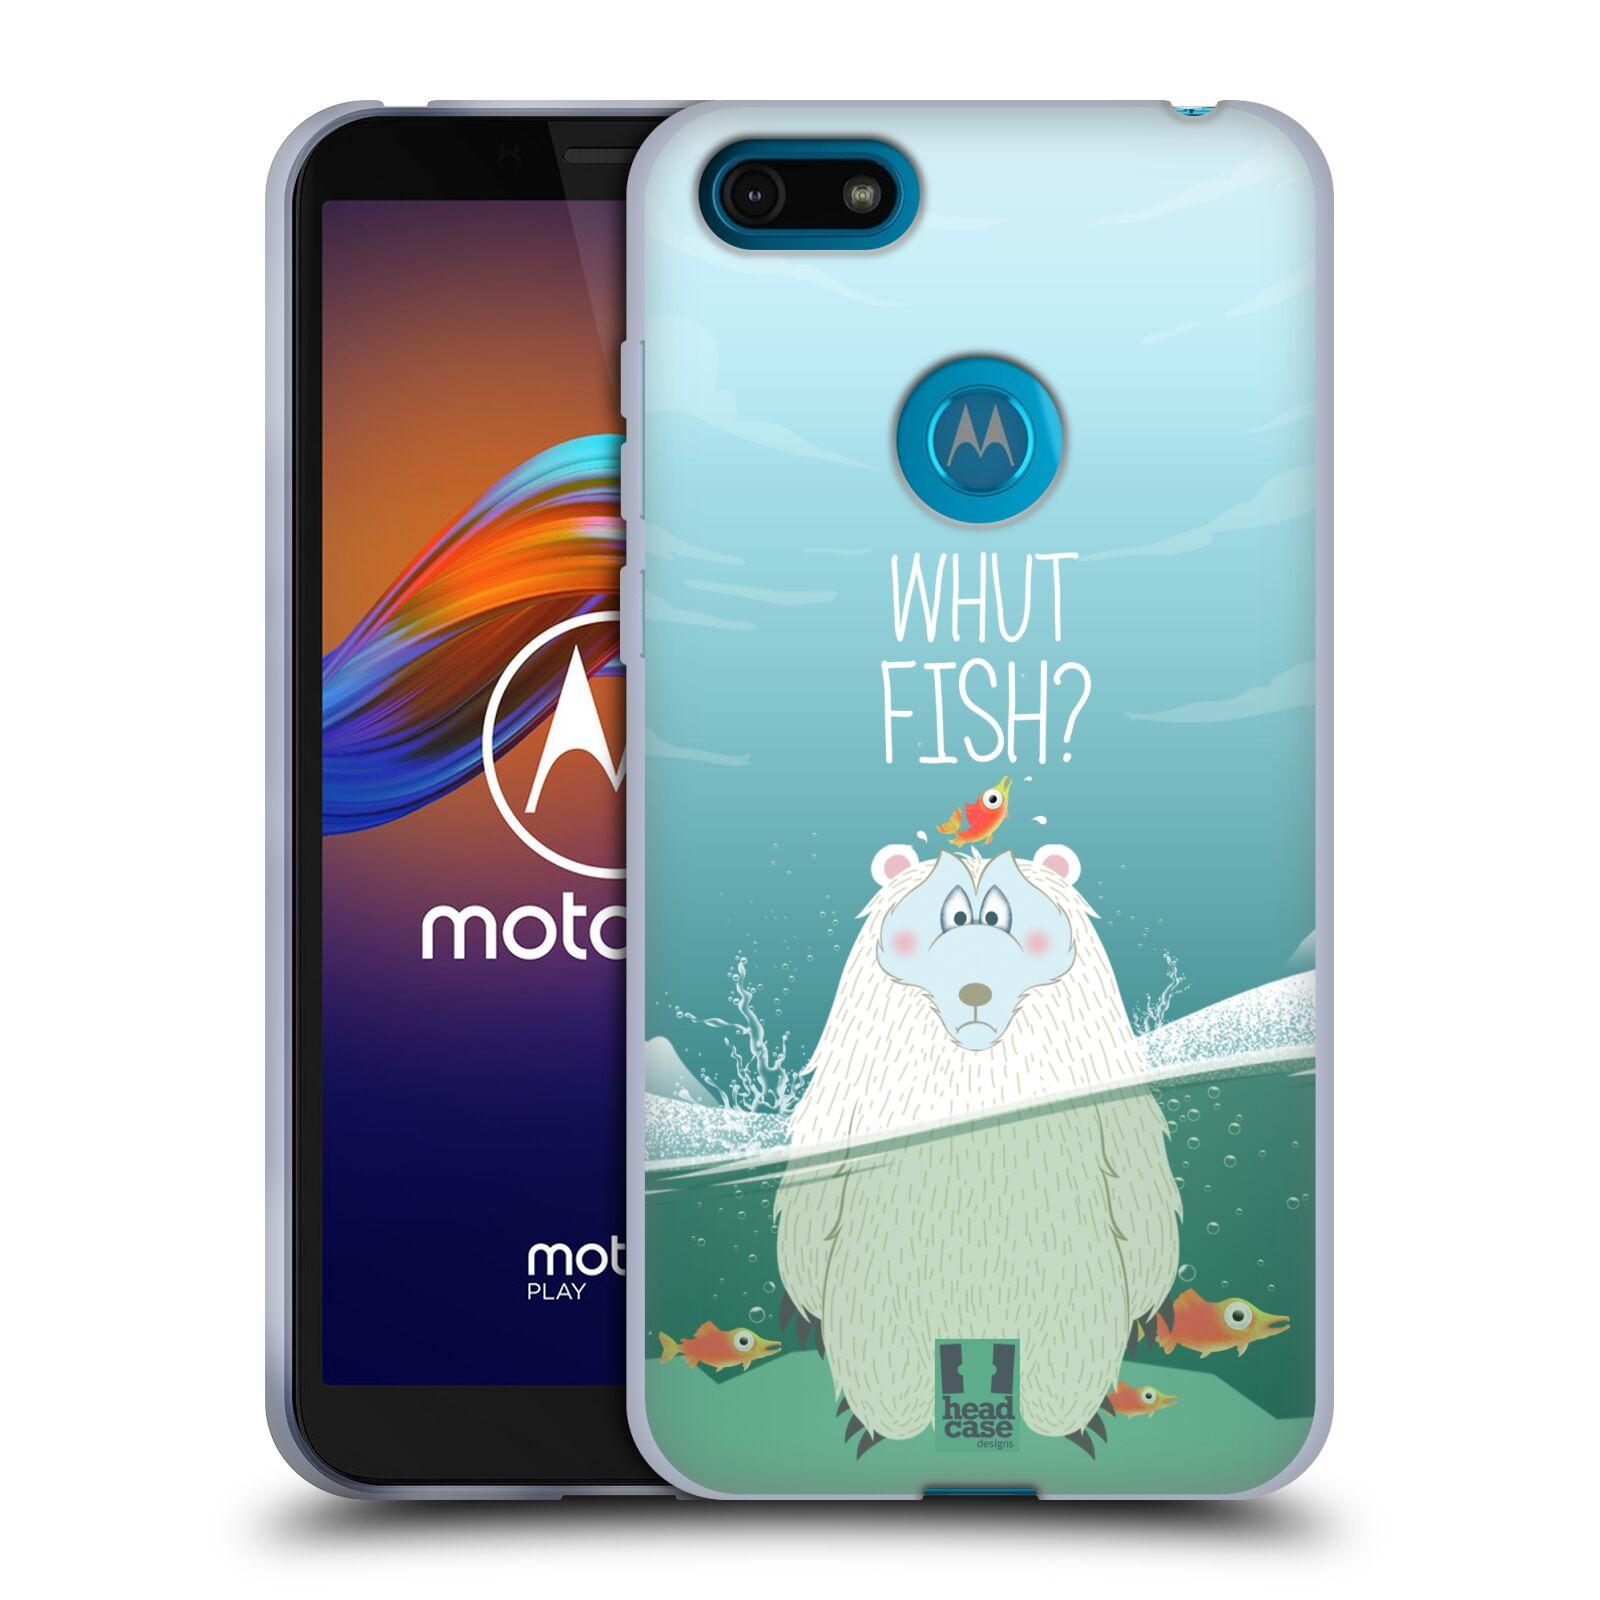 Silikonové pouzdro na mobil Motorola Moto E6 Play - Head Case - Medvěd Whut Fish?